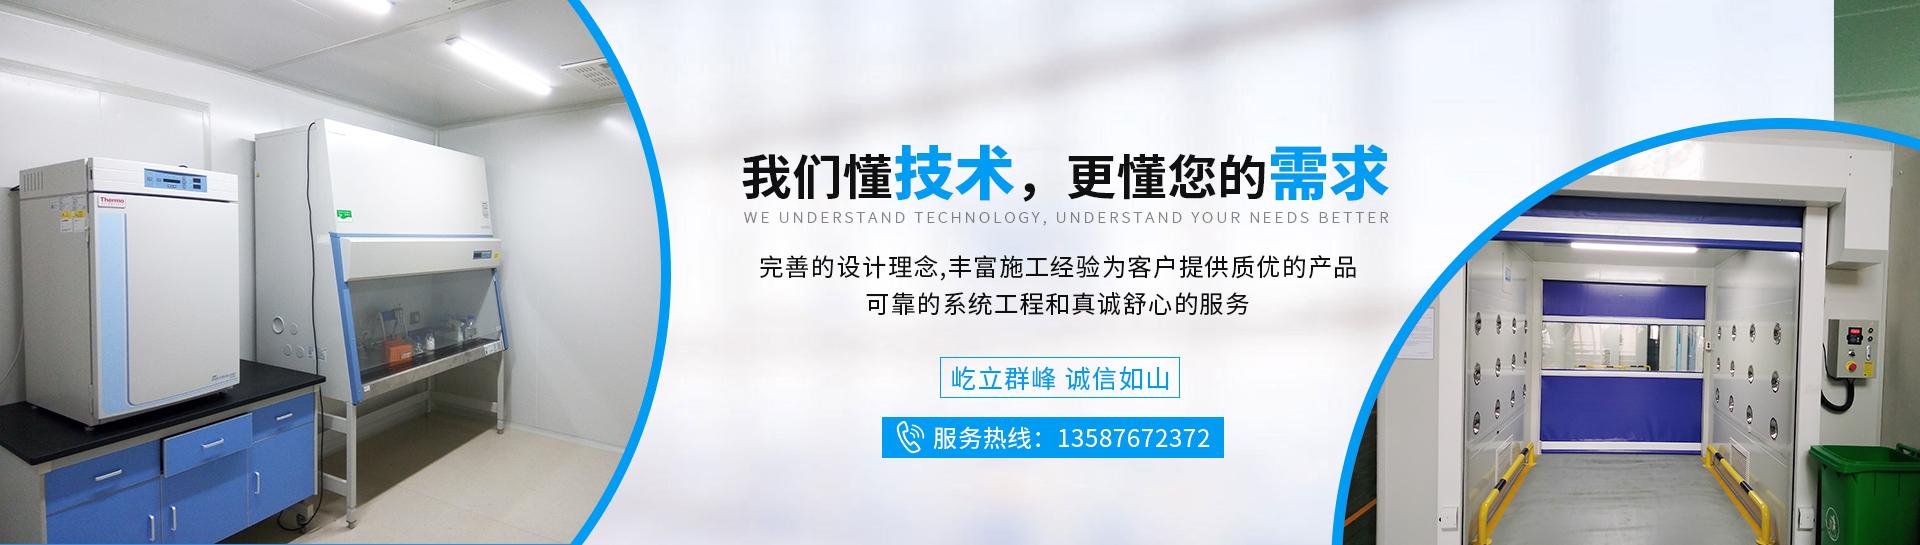 温州屹诚净化科技有限公司